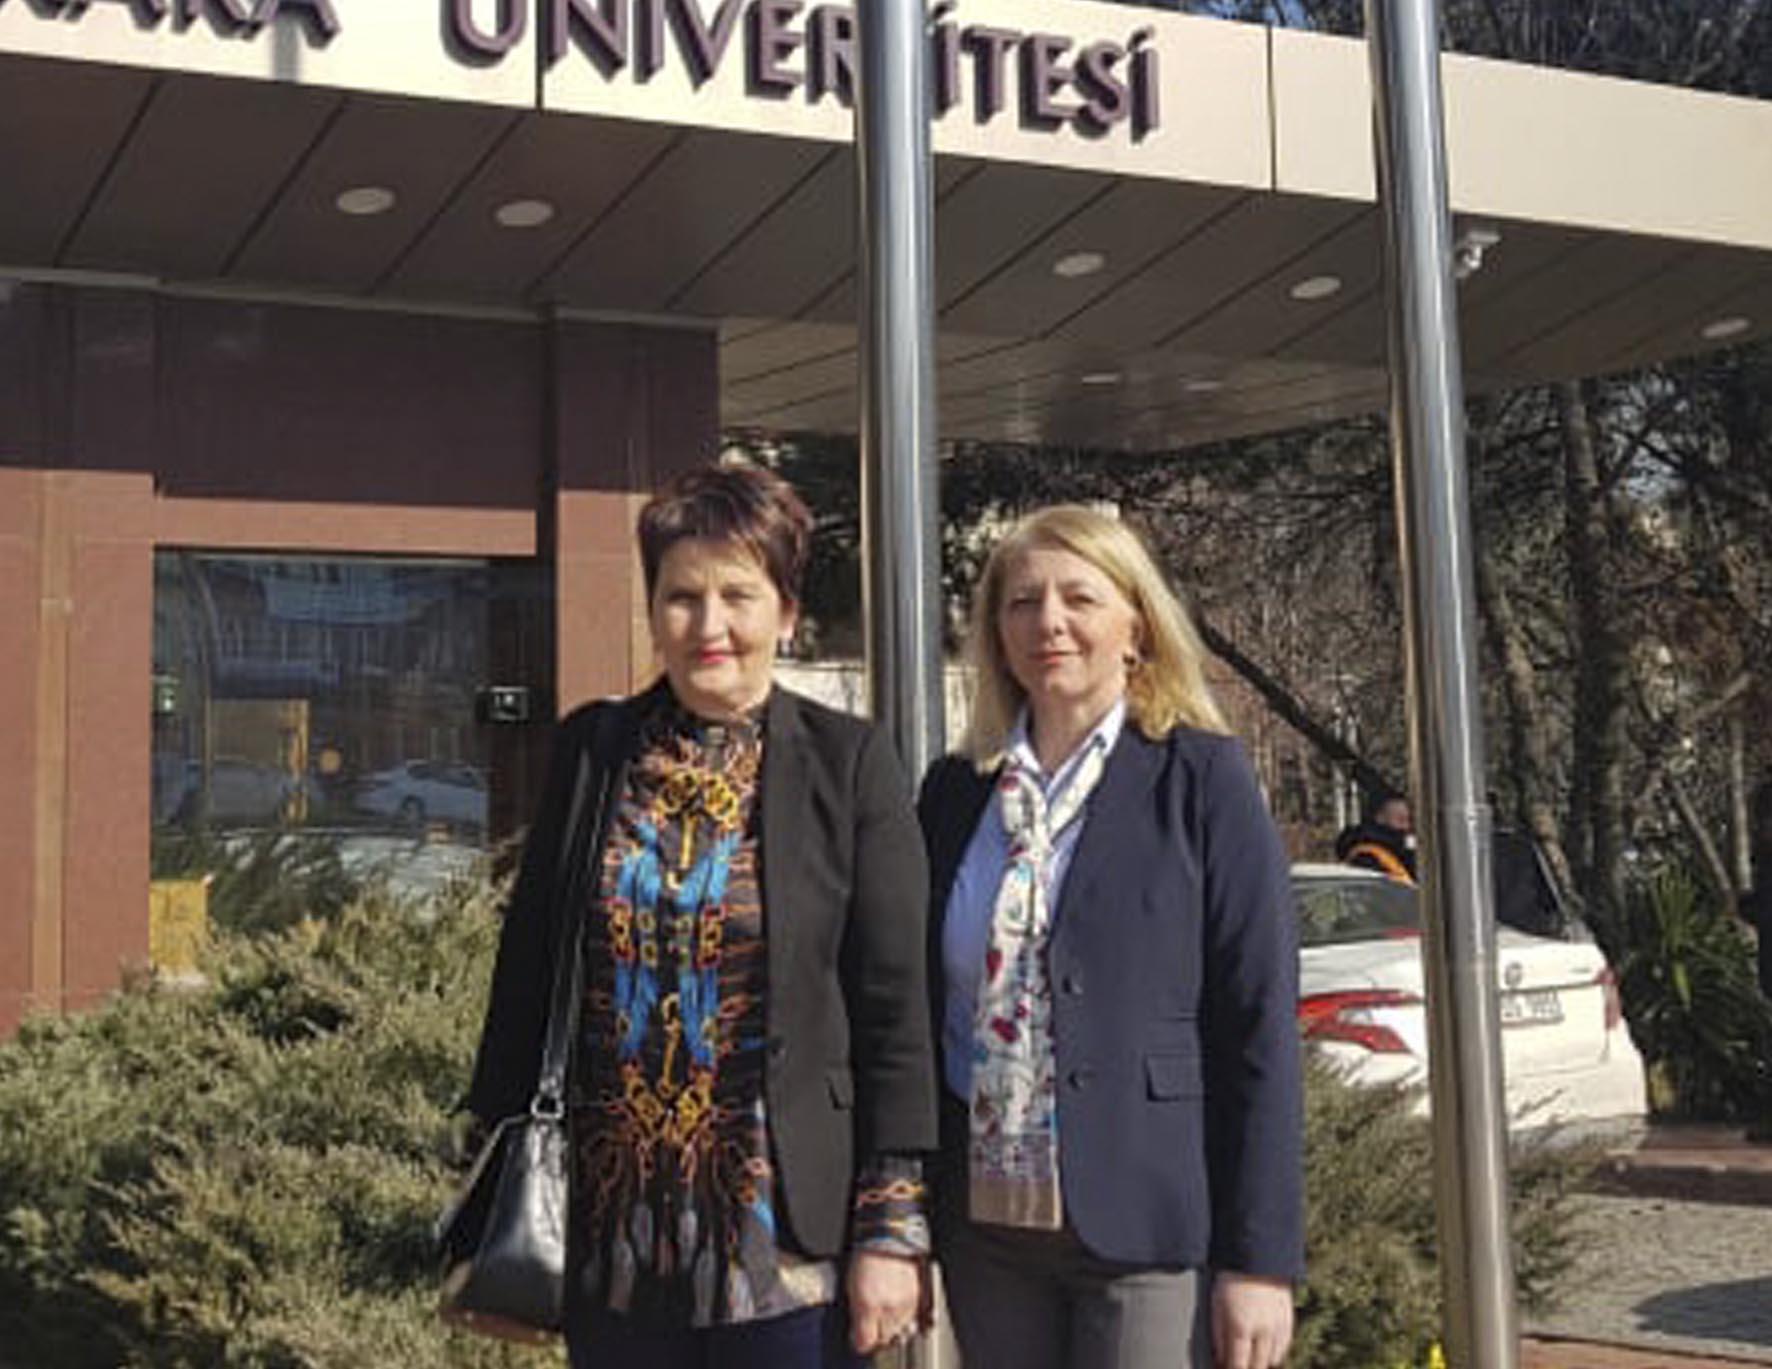 Studijska posjeta profesorica Biotehničkog fakulteta Univerziteta u Bihaću Univerzitetu u Ankari